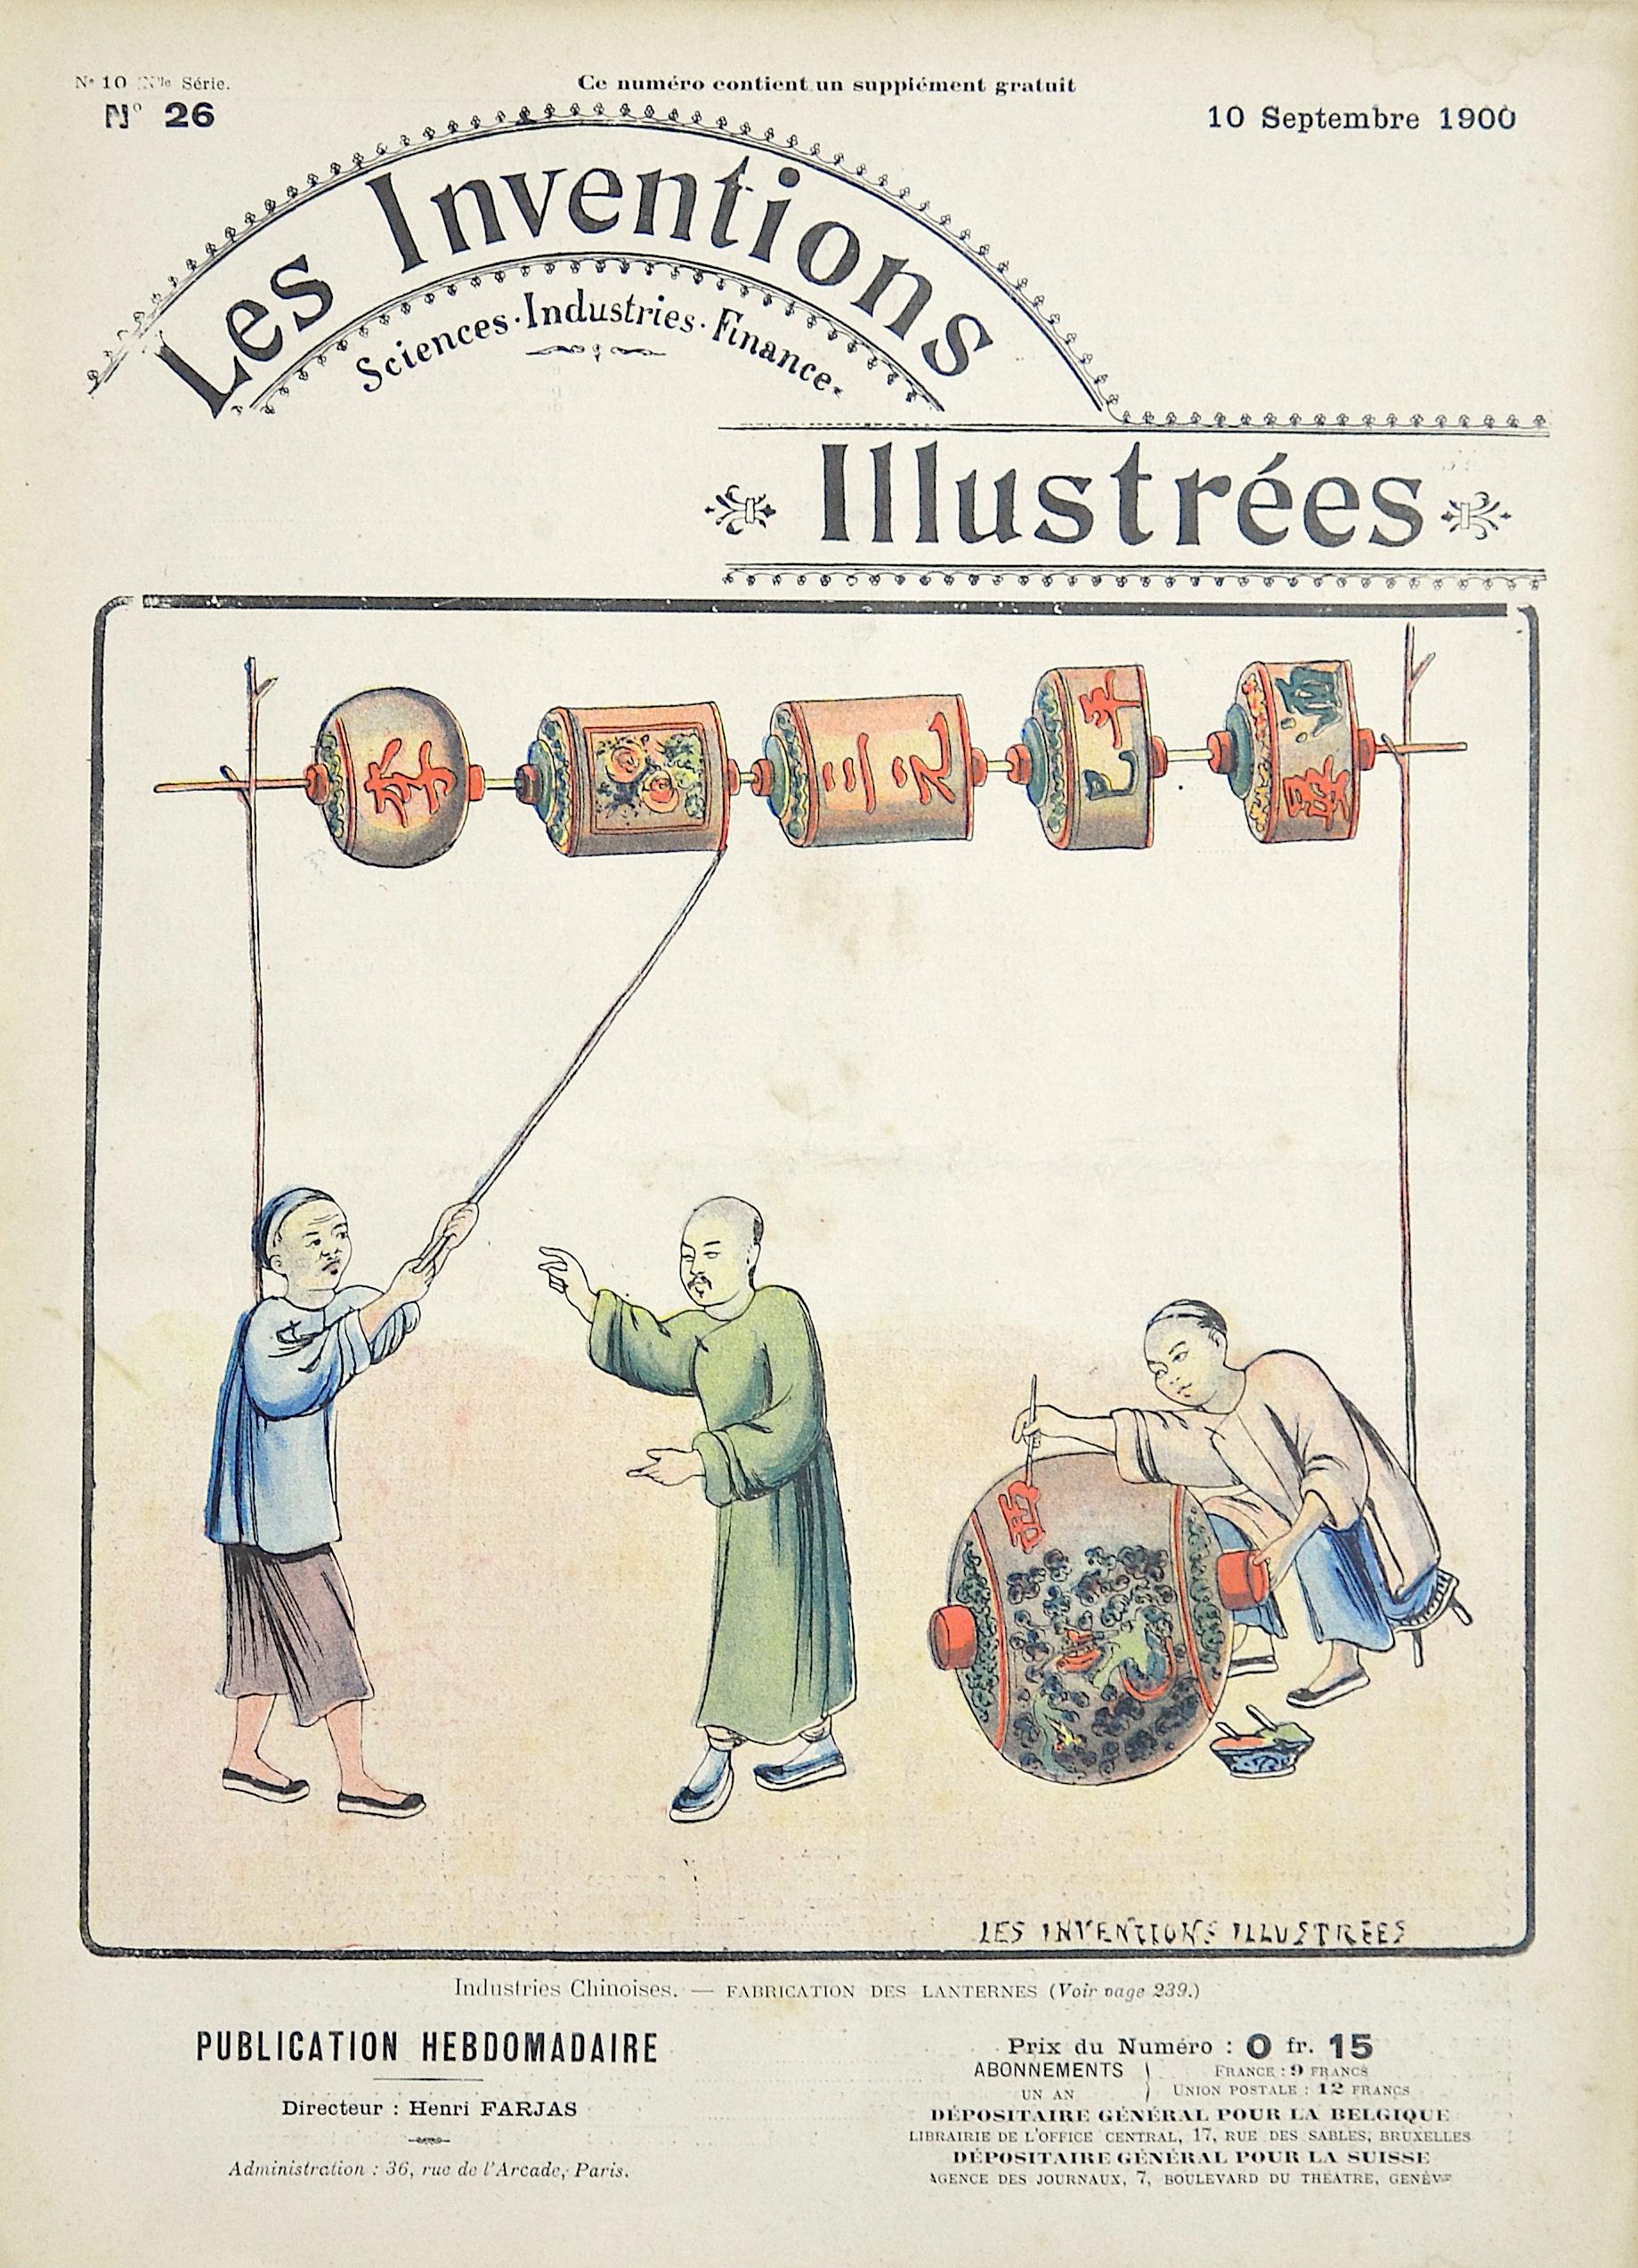 Brunet E. Les Inventions Illustrées / Industries Chinoises.- Fabrication des Lanternes